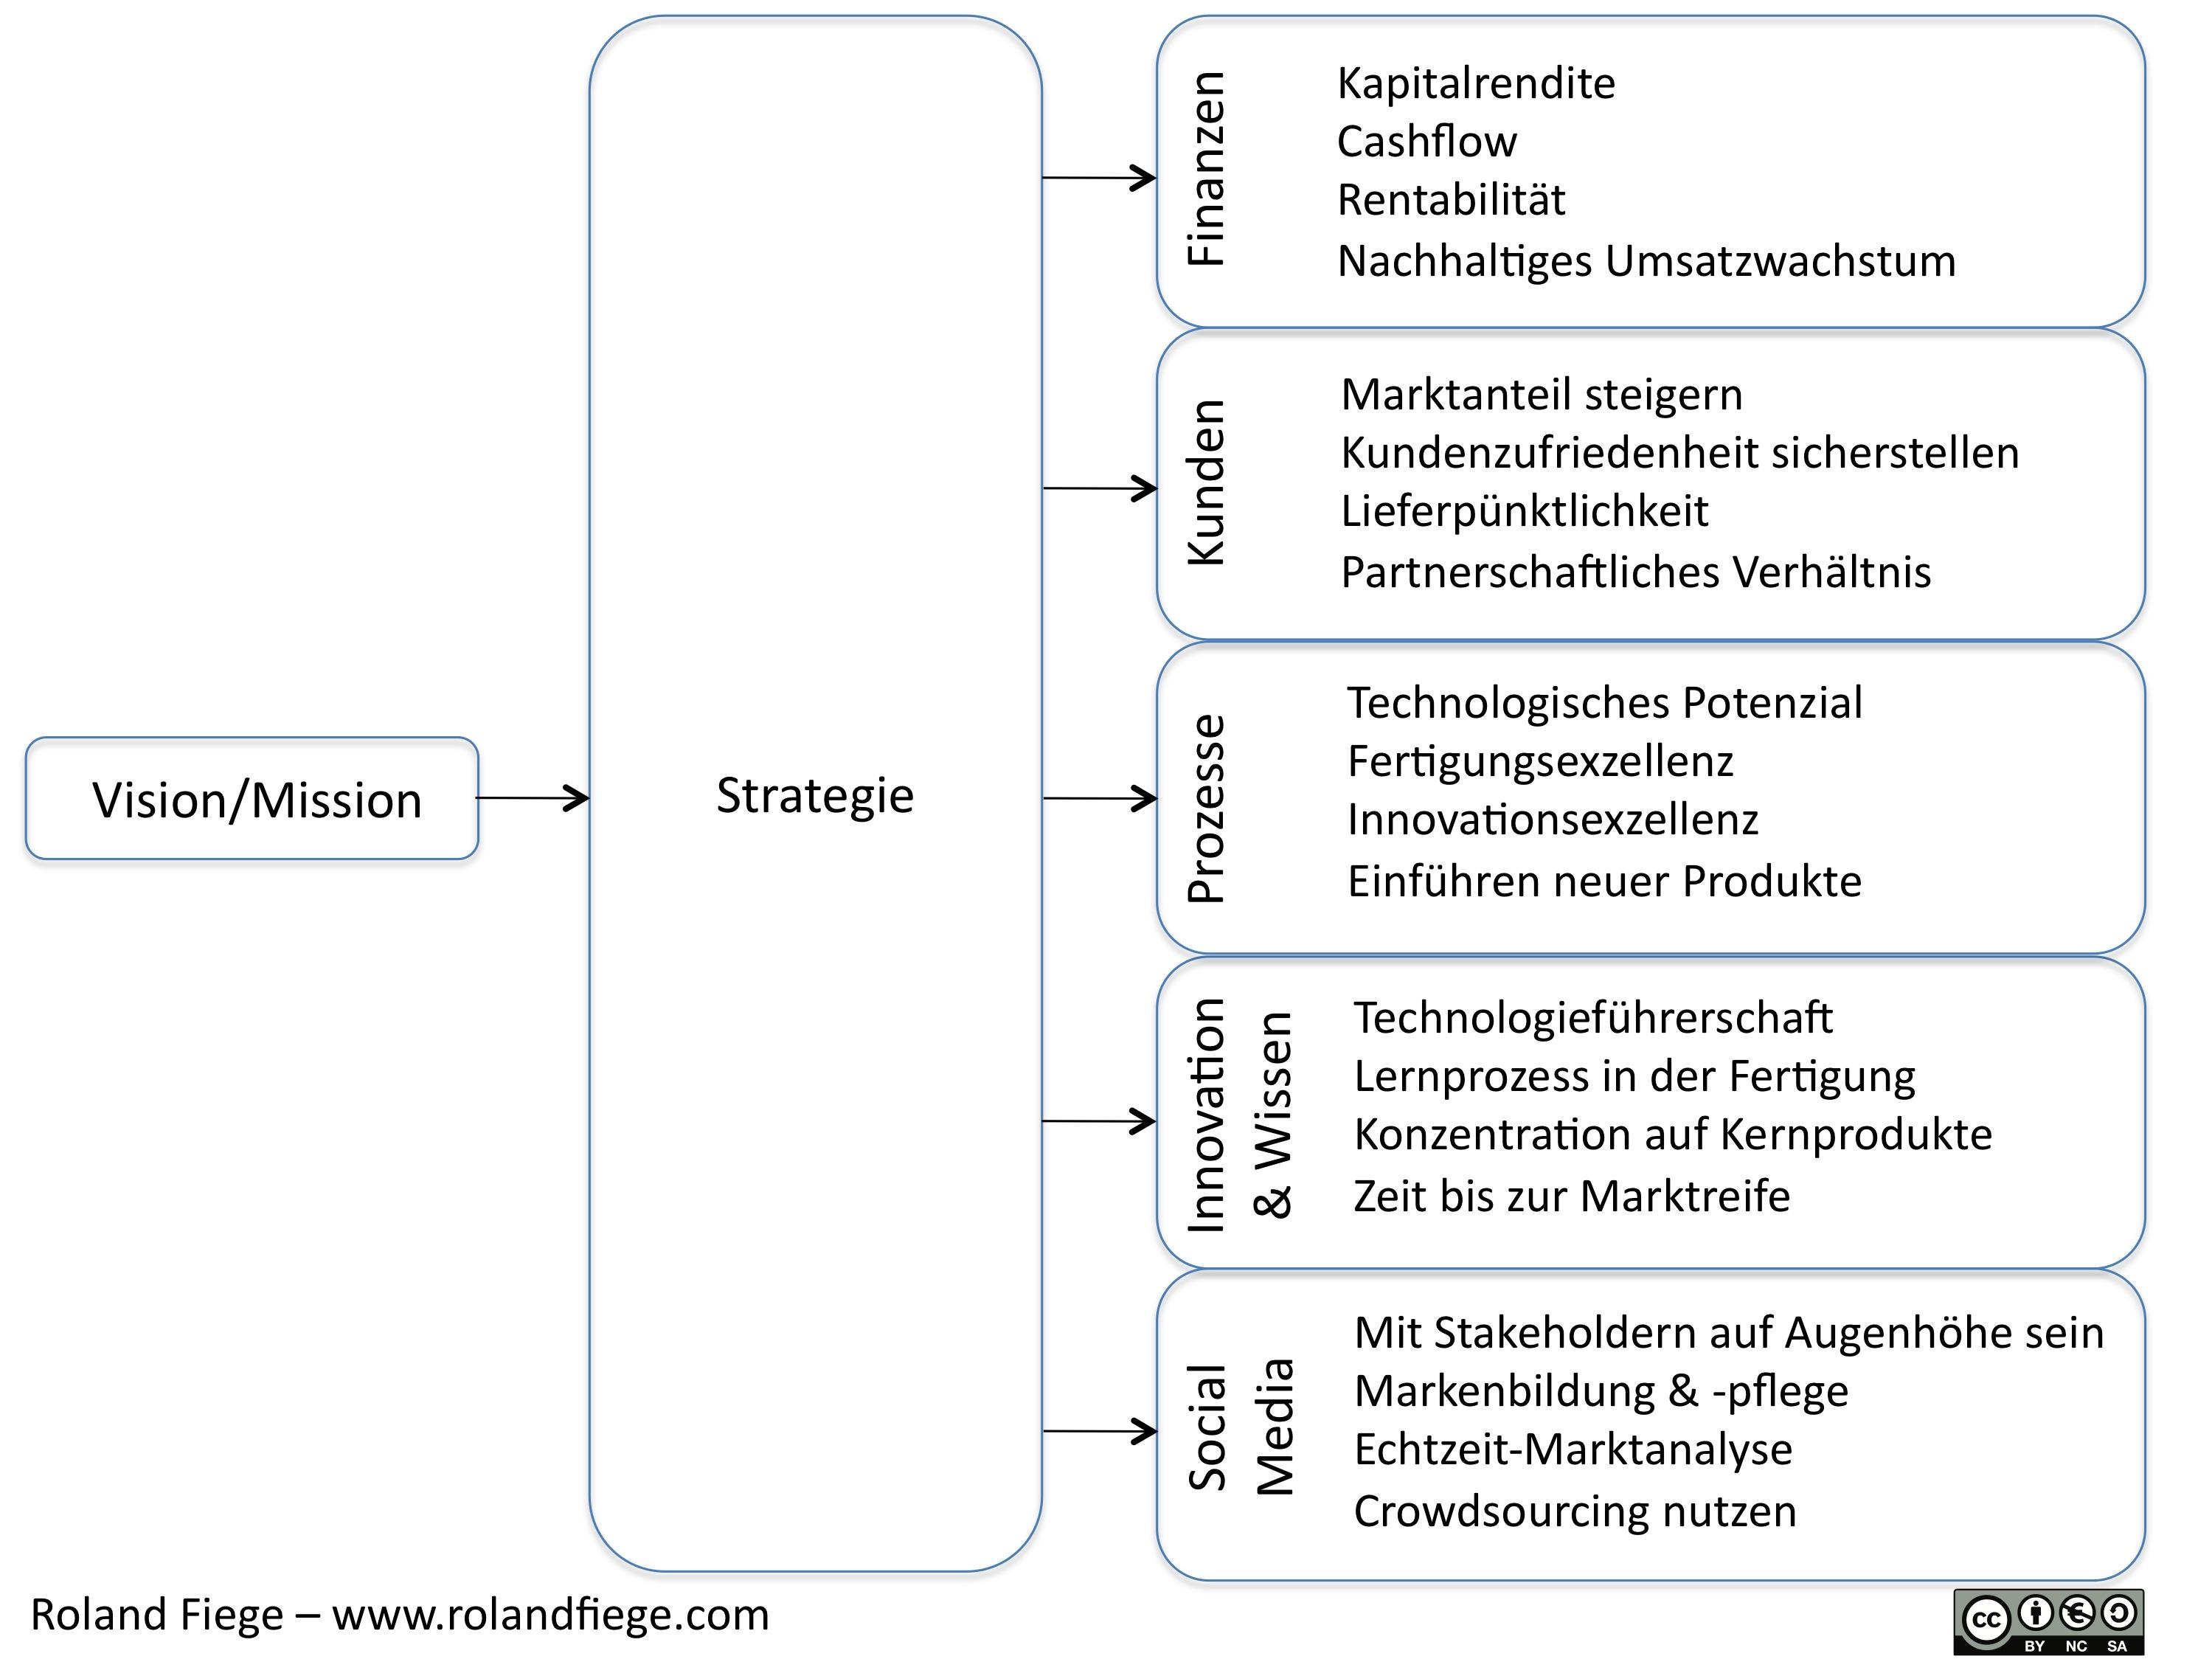 Beispiel strategische Ziele einer Organisation